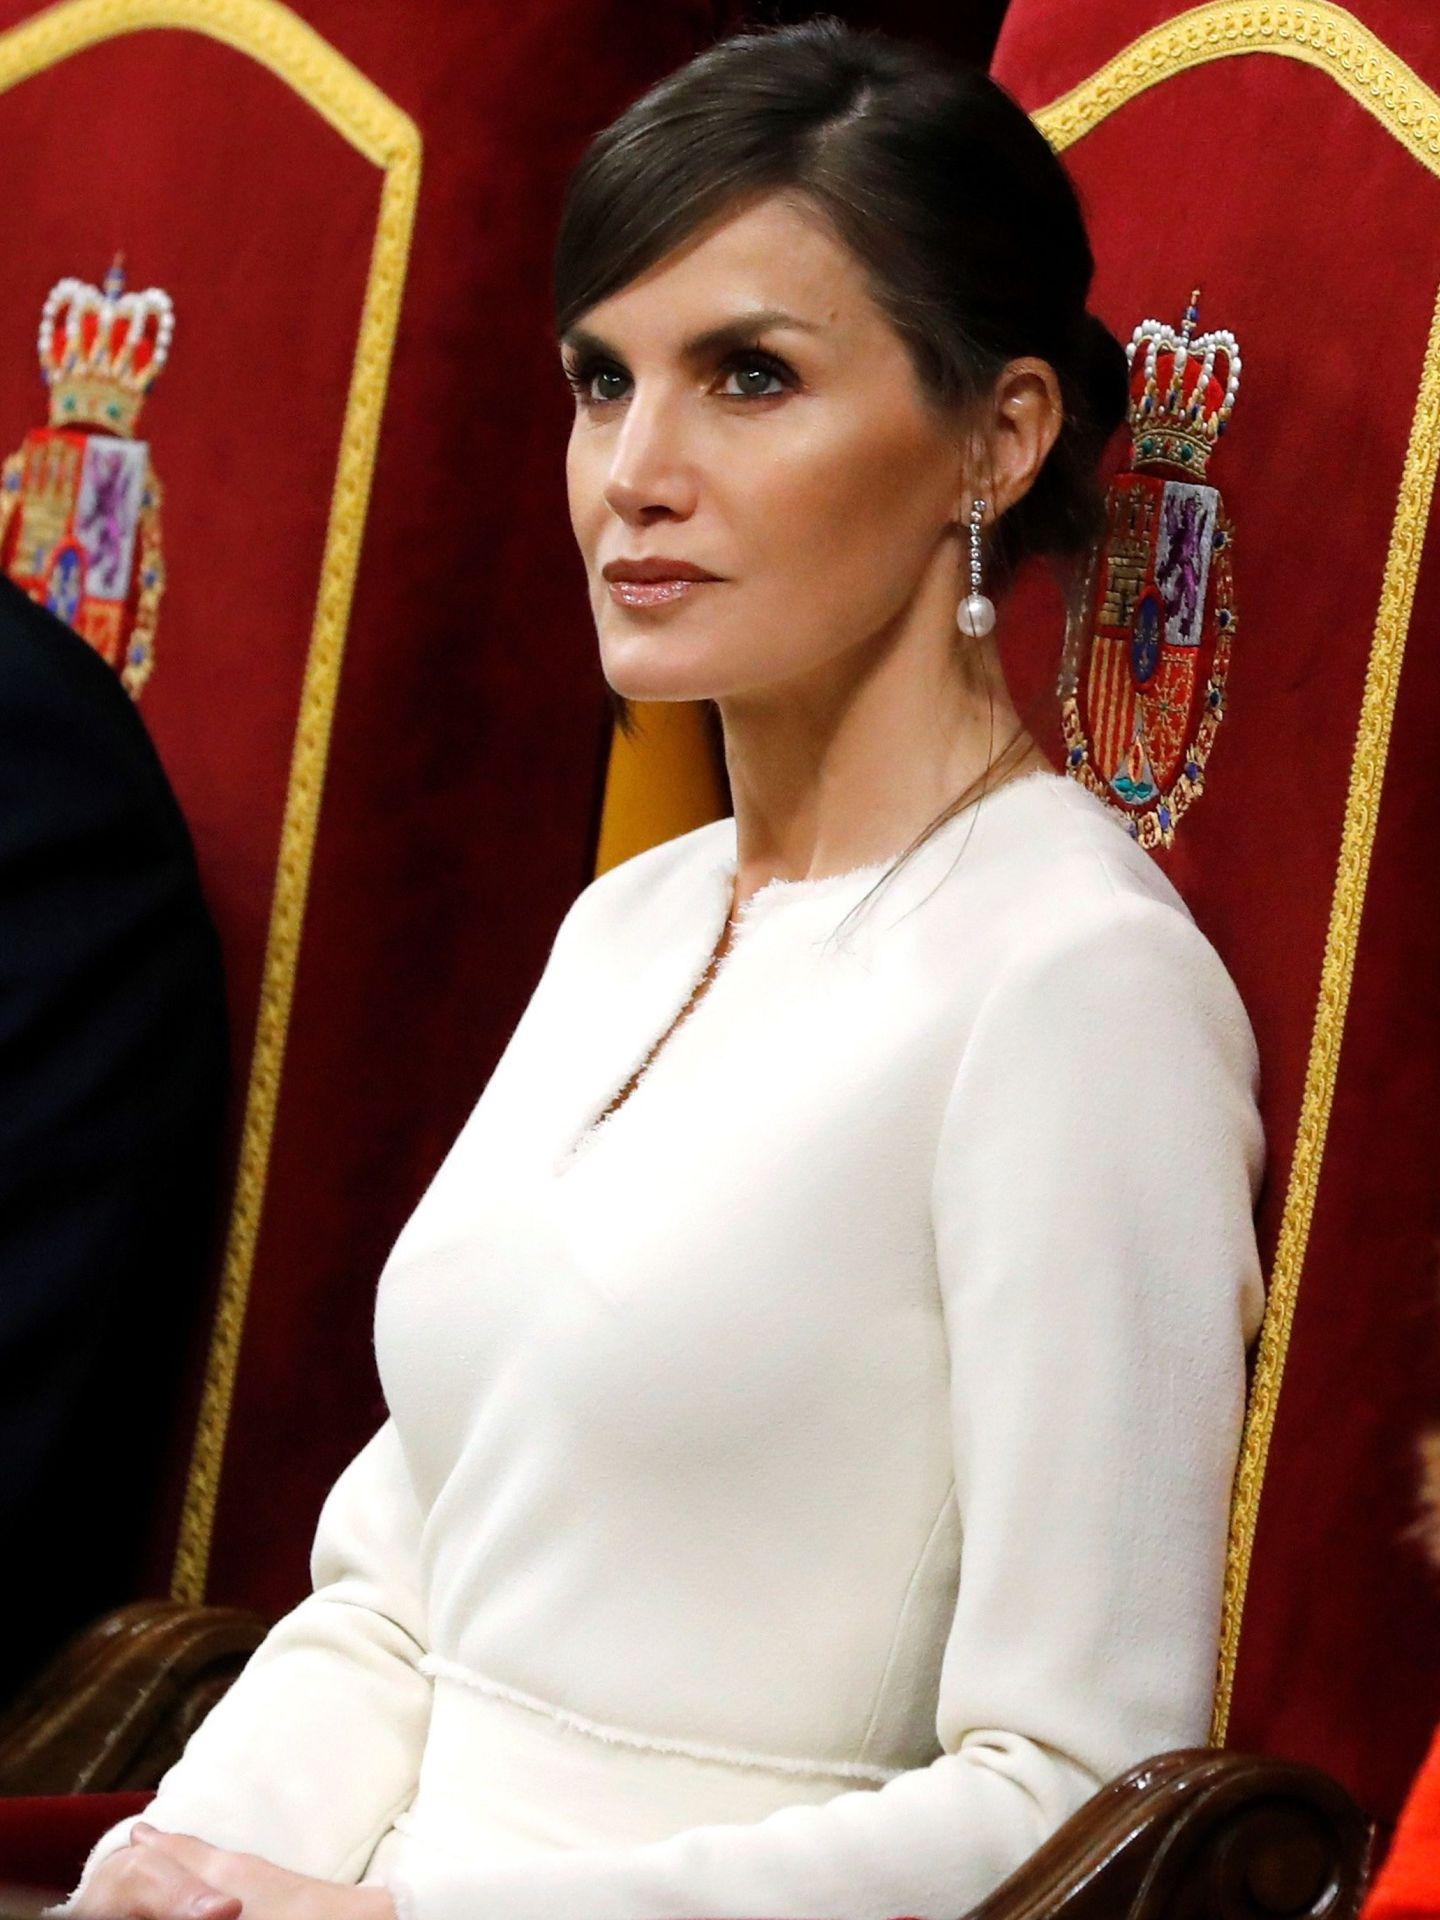 La reina Letizia. (EFE)